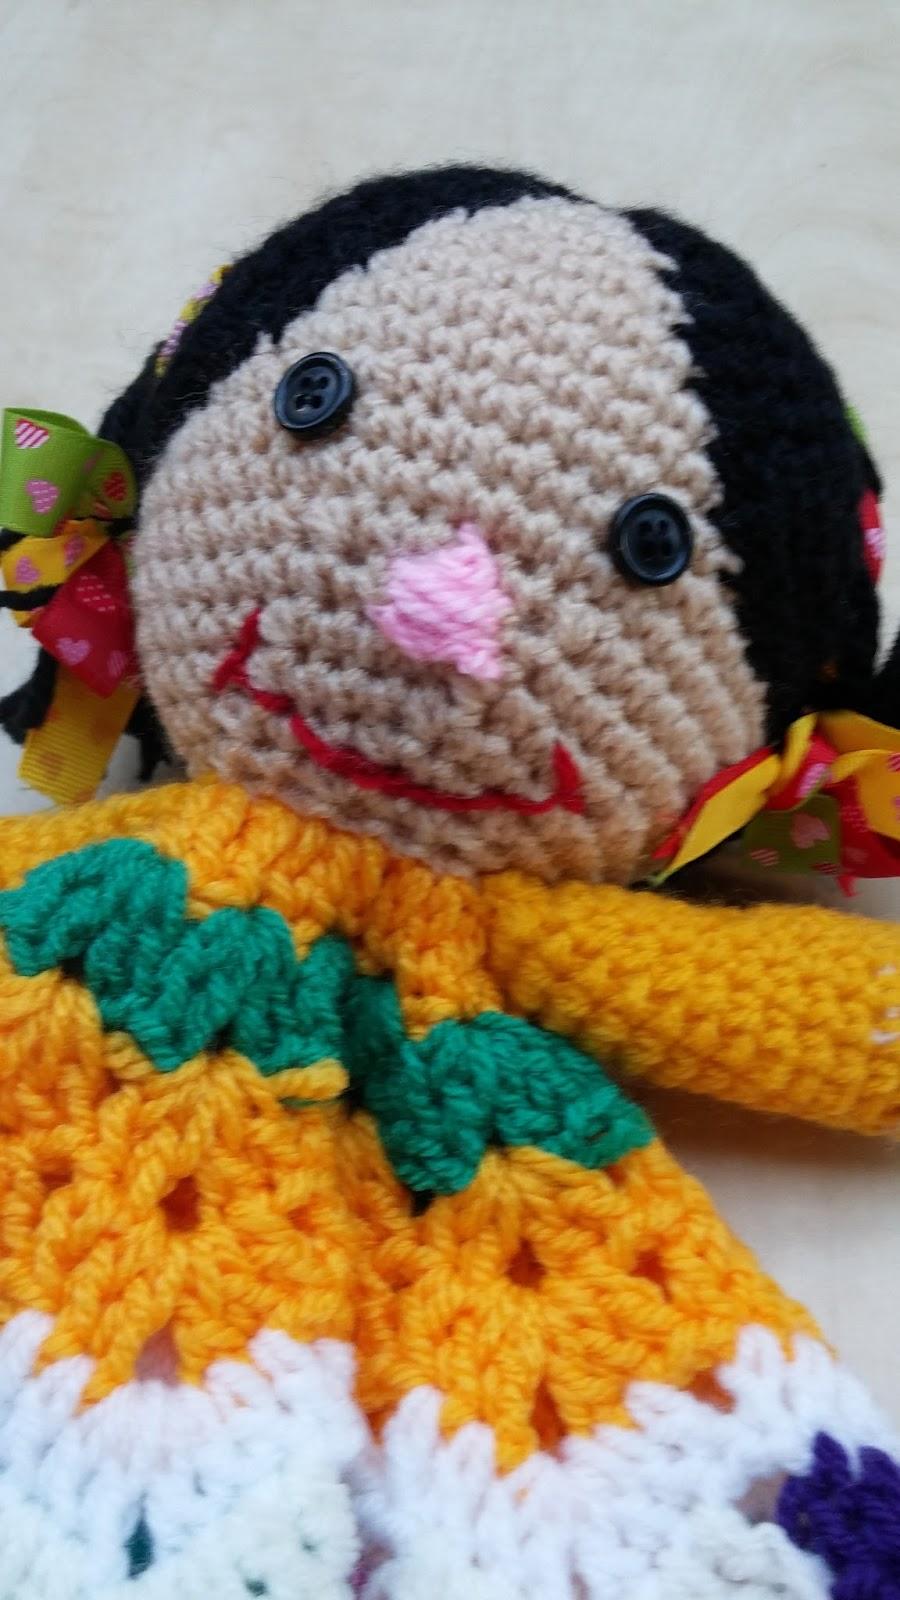 Con cariño, Marcia: Nuevo Patrón inspirado en las muñecas mexicanas